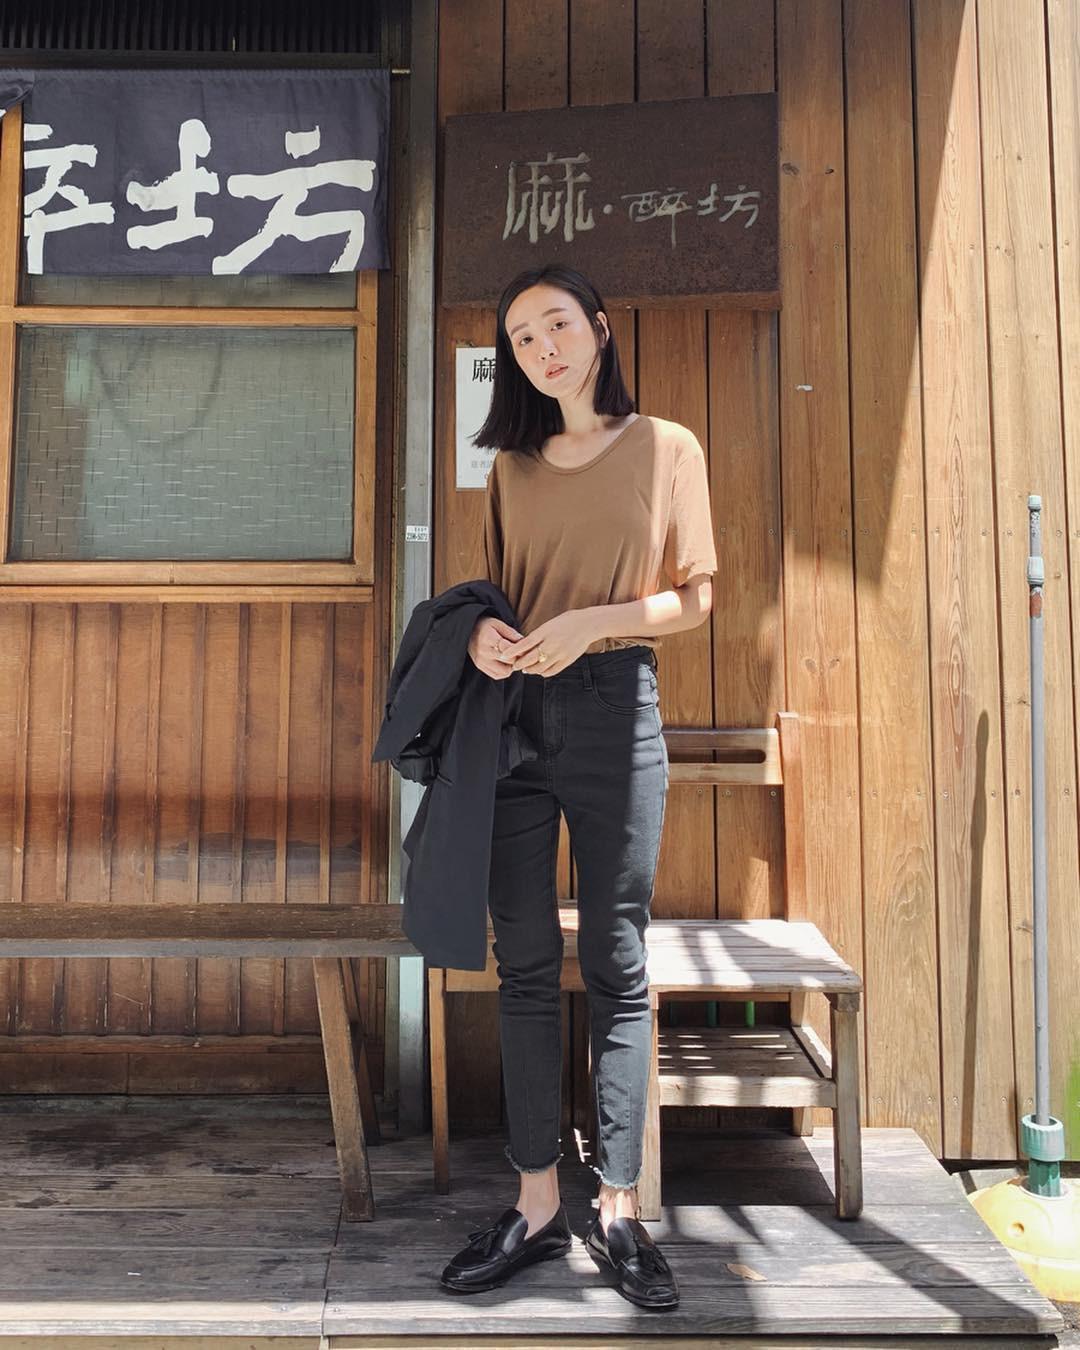 Bảo chứng cho vẻ sành điệu là combo áo phông – quần jeans với 15 ý tưởng diện mãi không biết chán này 4